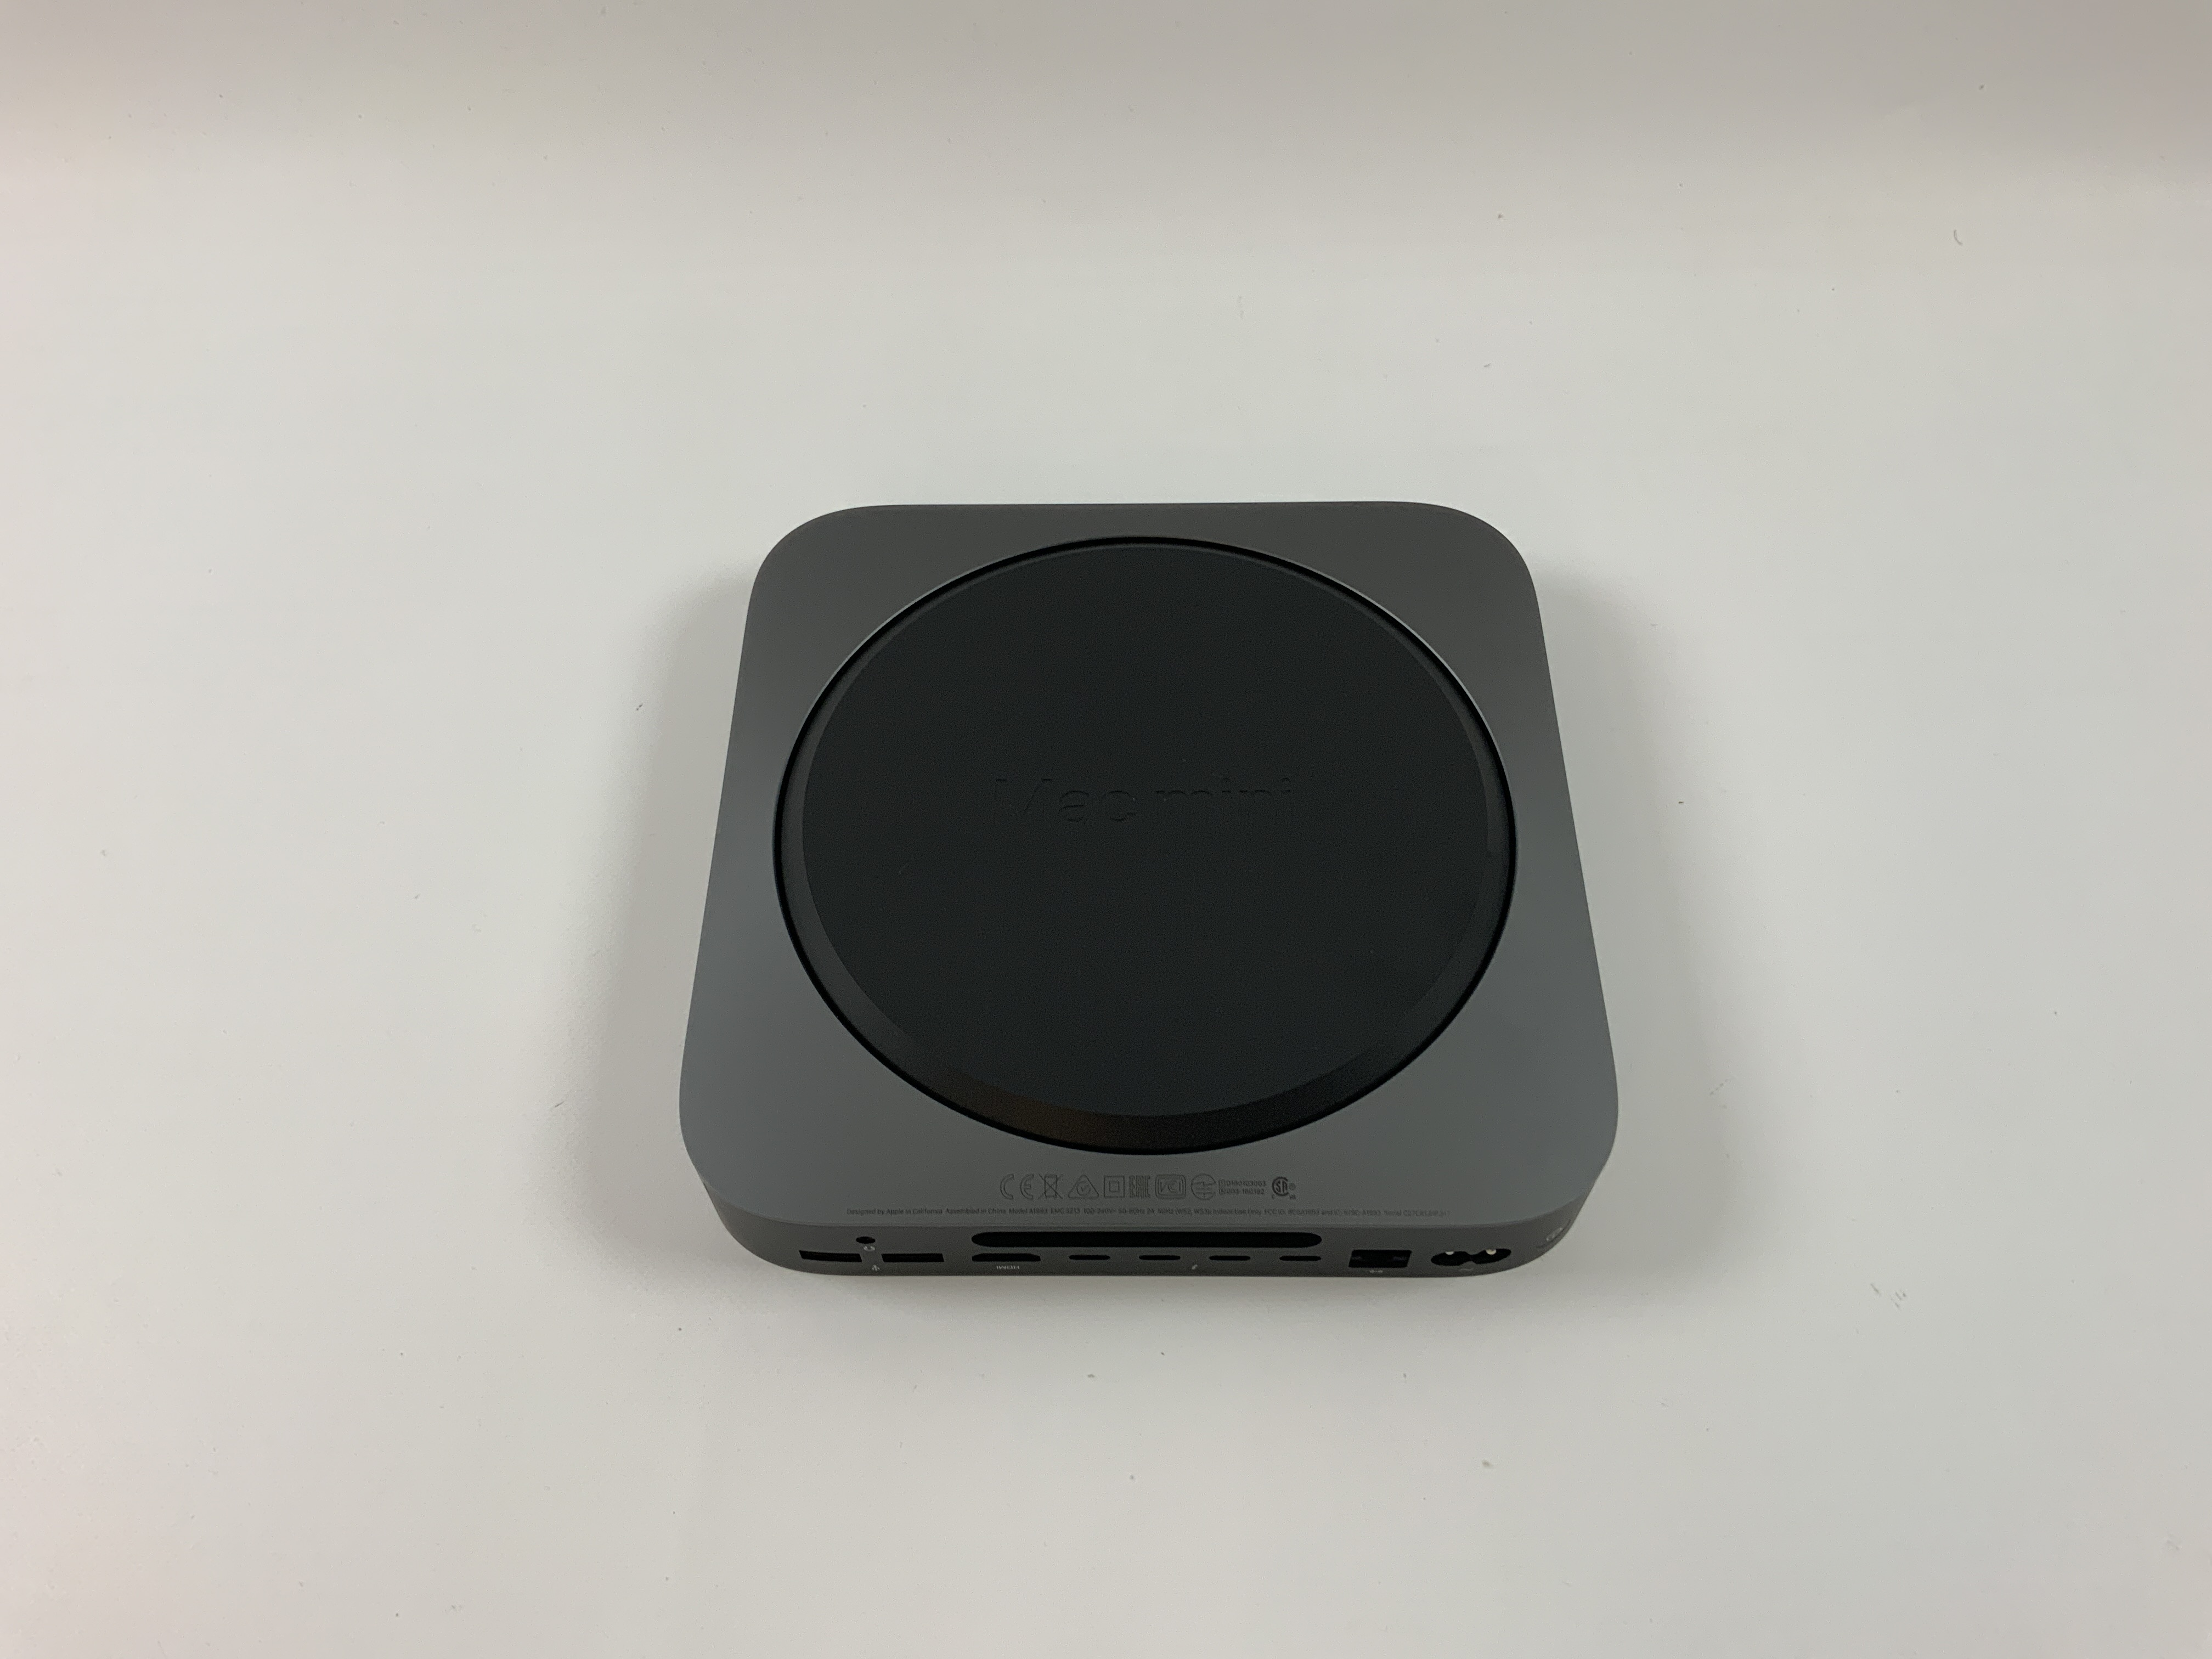 Mac Mini Early 2020 (Intel Quad-Core i3 3.6 GHz 64 GB RAM 256 GB SSD), Intel Quad-Core i3 3.6 GHz, 64 GB RAM, 256 GB SSD, image 2